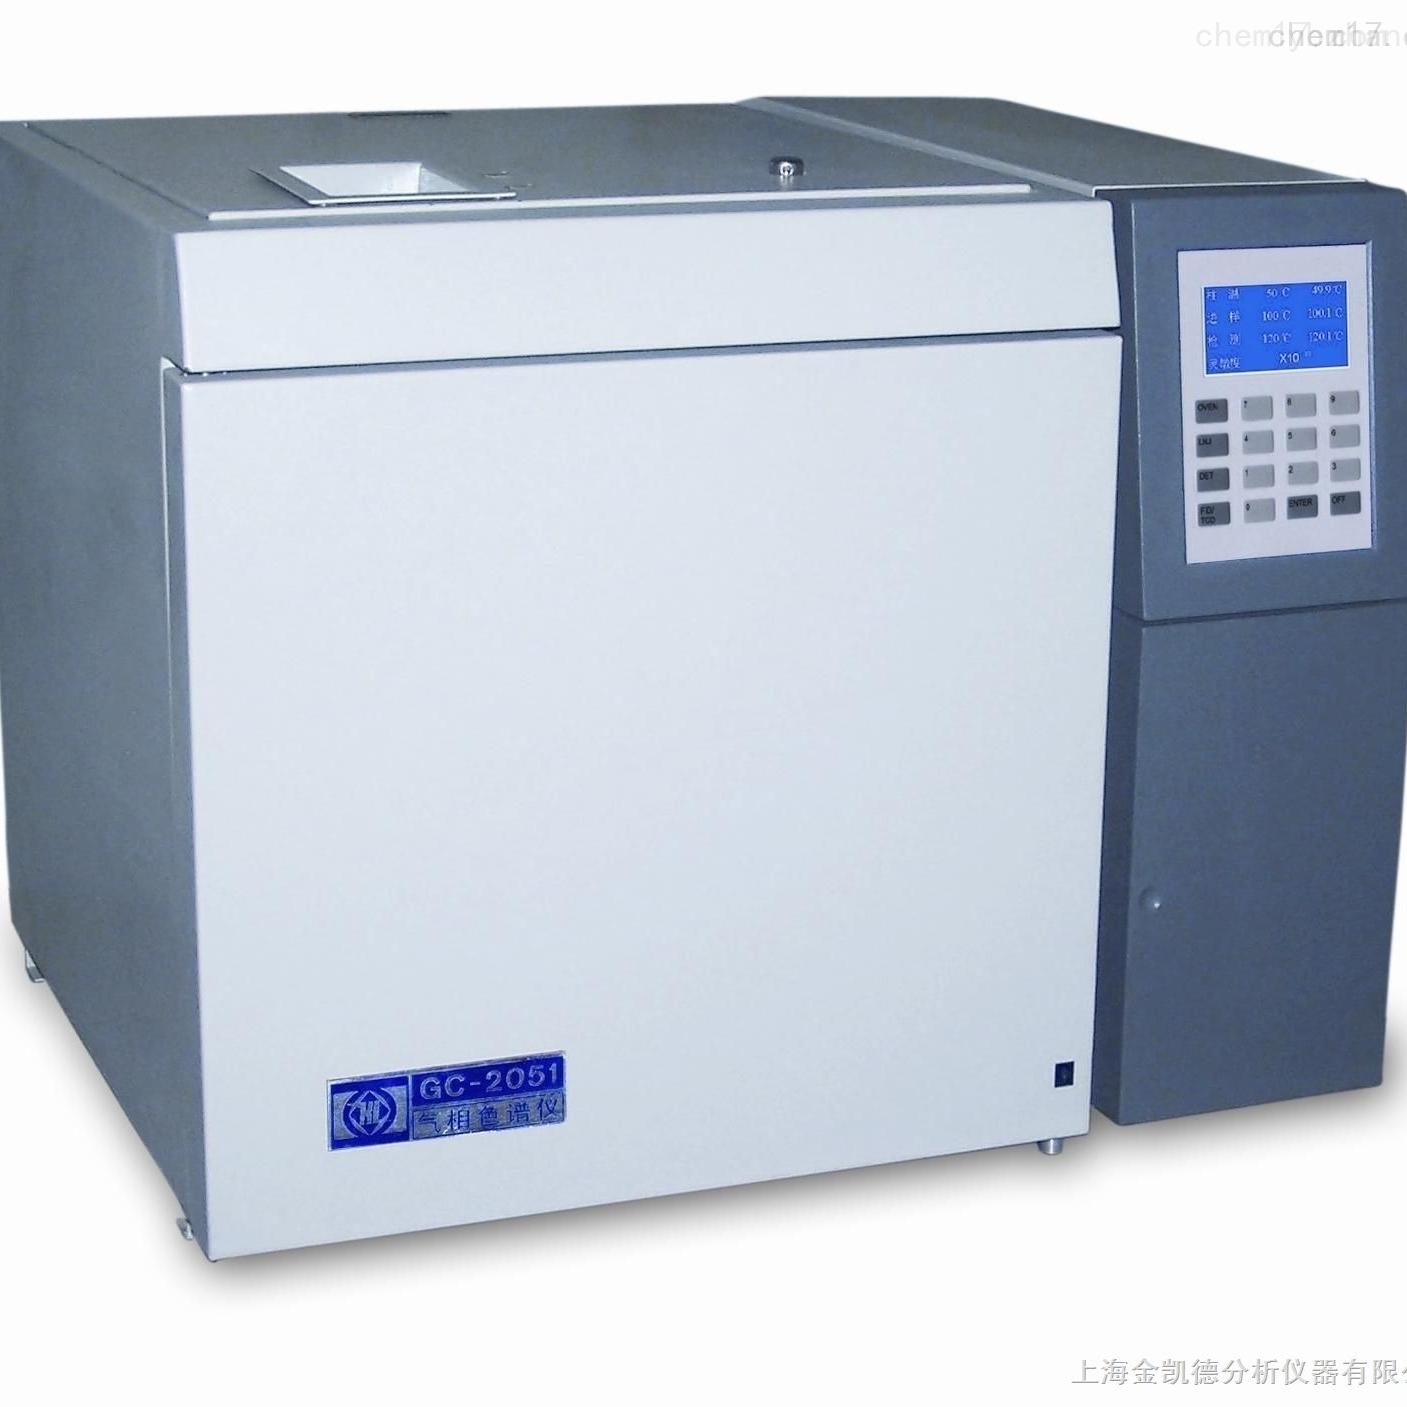 安徽省承试电力设备变压器油色谱仪